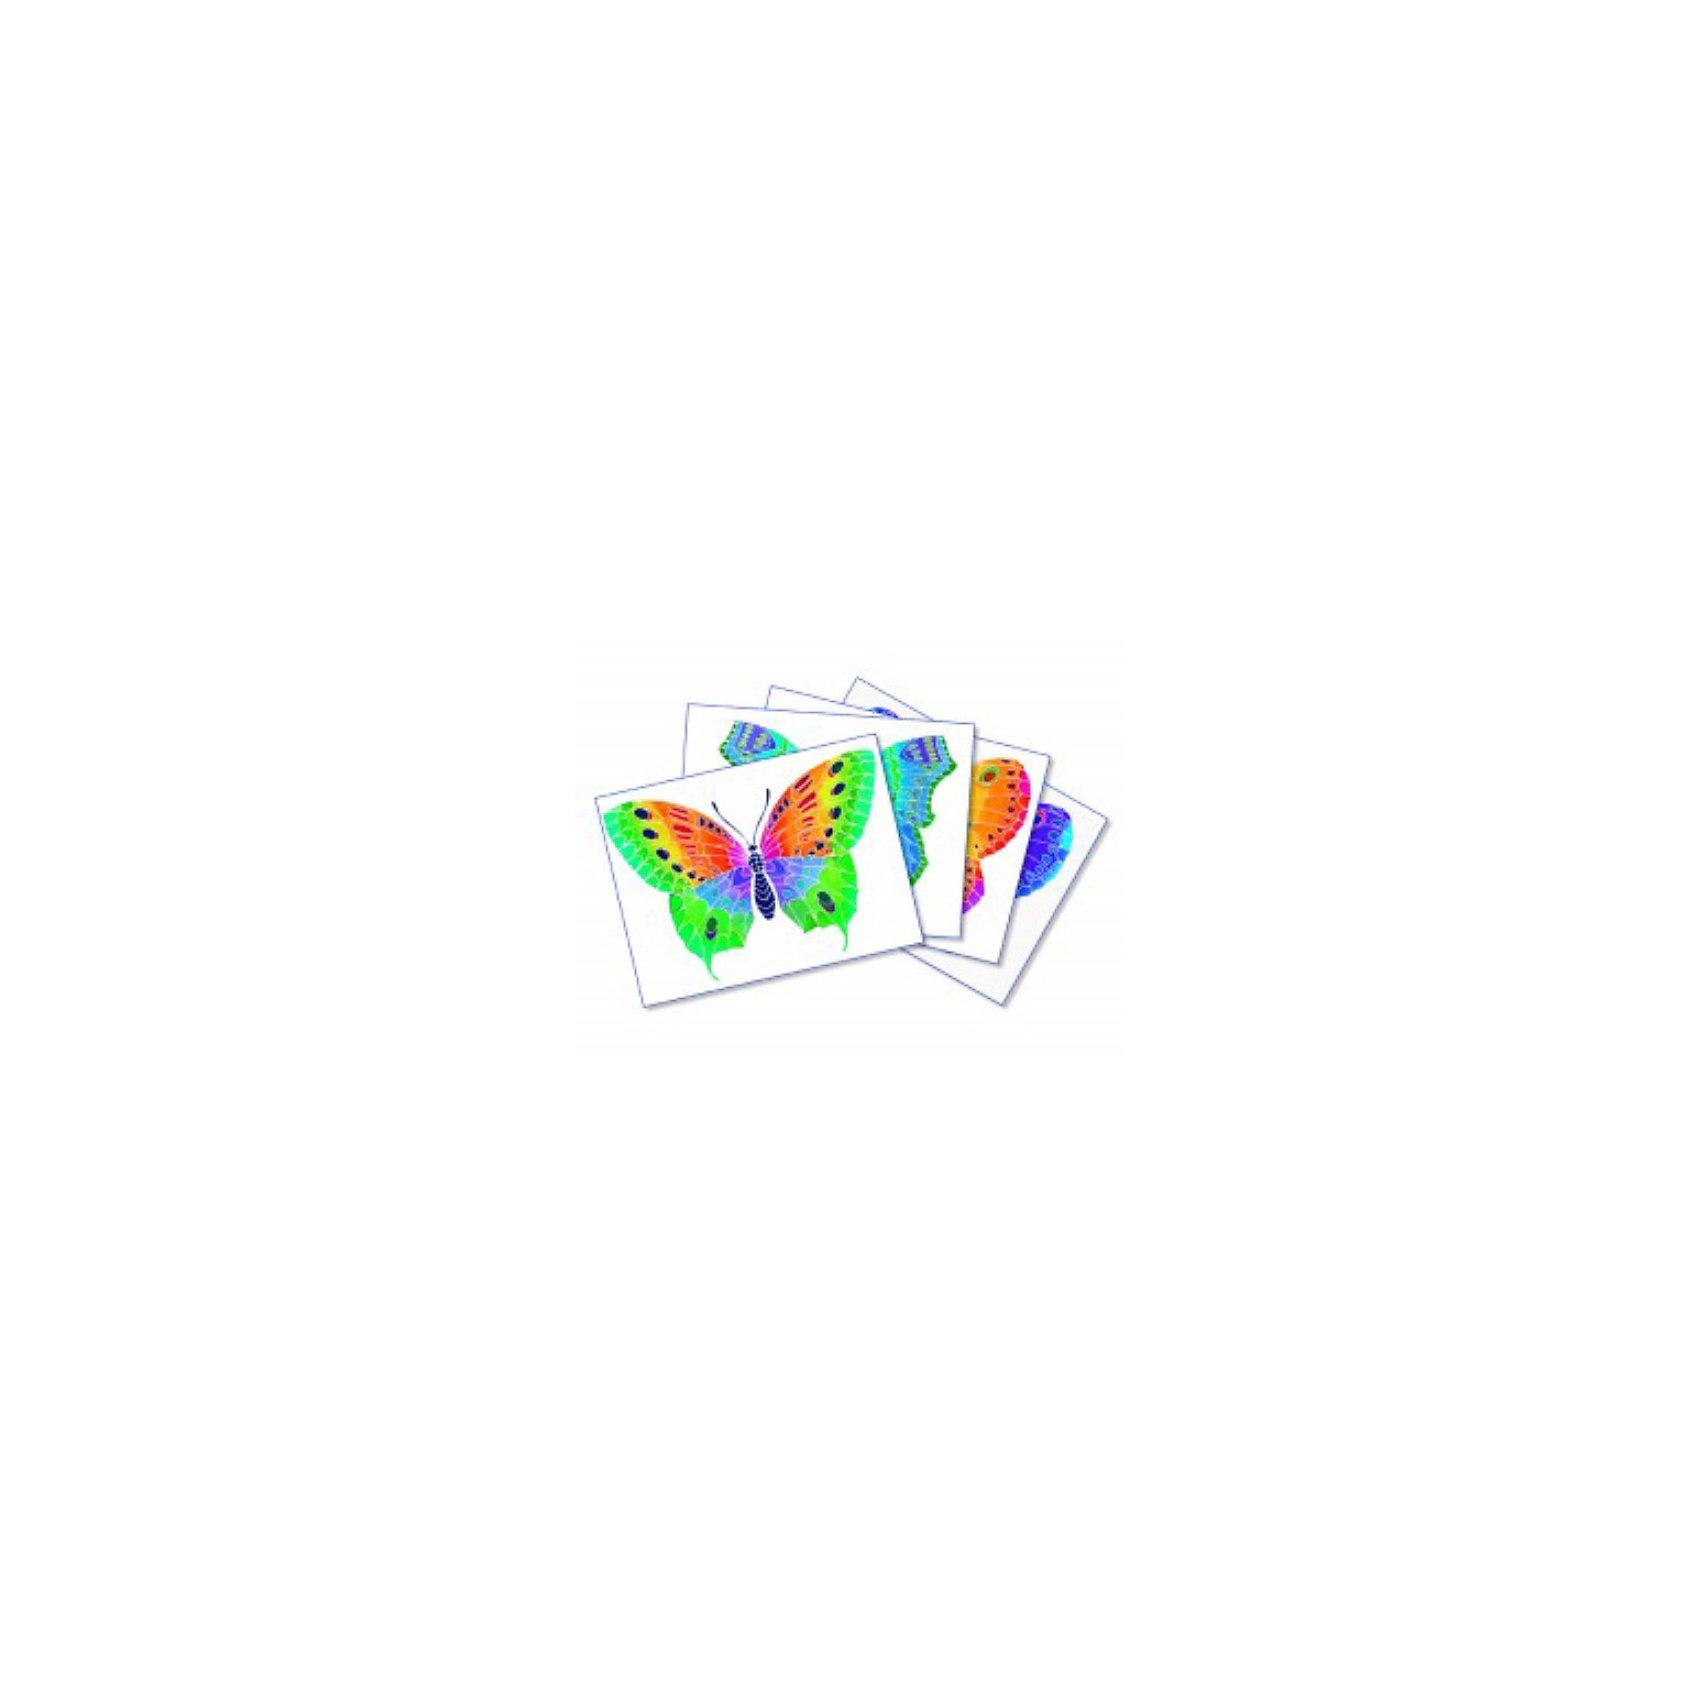 SentoSpherе 661 Акварельная раскраска БабочкаВсего несколько капель красок и любой ребенок сможет создать настоящие произведения искусства. Акварель для детей основана на технике вставки в оправу тонкого пергамента. Эта техника позволяет картине приклеиться только на специальные поверхности: рисунок появляется по мере проведения кисточкой по бумаге. Картину можно перерисовывать несколько раз, чтобы получить самый красивый результат. Такая техника идеальна, чтобы научить детей составлению цветов. Кроме того, она развивает воображение, точность и внимание. 4 картины; 1 кисть очень высокого качества; 1 палитра для смешивания красок; 5 флаконов не токсичных акварельных красок; 1 пипетка для дозировки красок; 1 инструкция<br><br>Ширина мм: 195<br>Глубина мм: 30<br>Высота мм: 265<br>Вес г: 275<br>Возраст от месяцев: 36<br>Возраст до месяцев: 2147483647<br>Пол: Женский<br>Возраст: Детский<br>SKU: 2176758